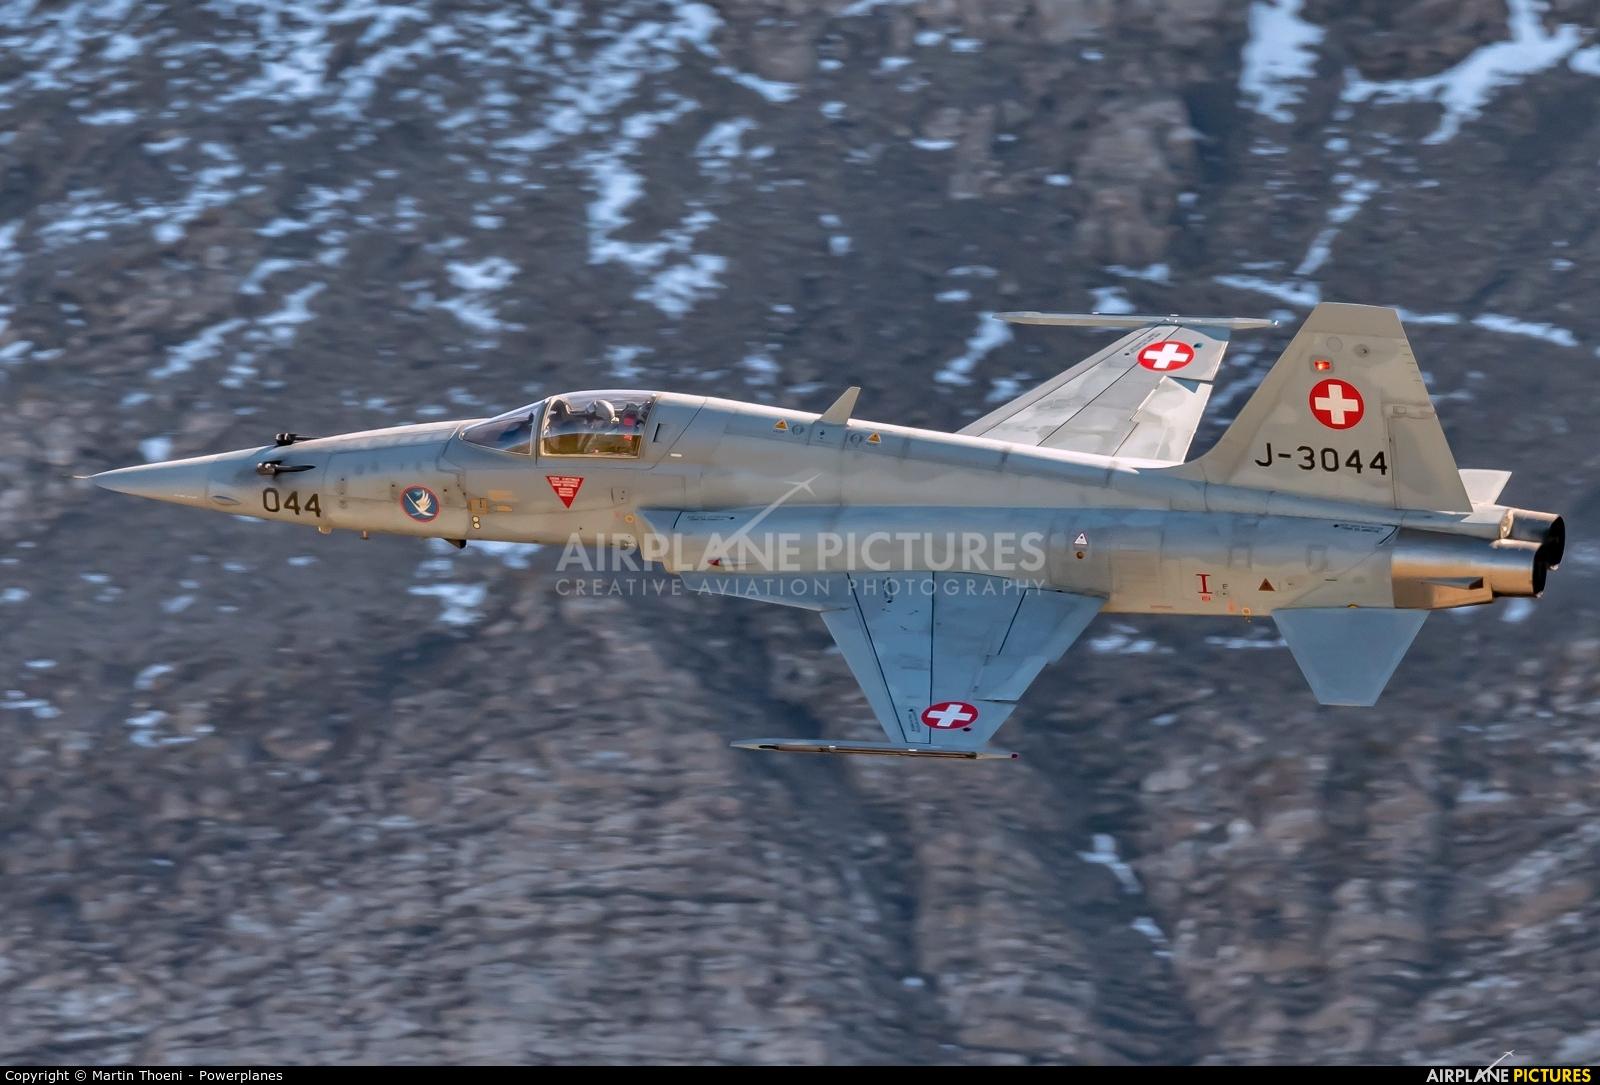 Switzerland - Air Force J-3044 aircraft at Axalp - Ebenfluh Range